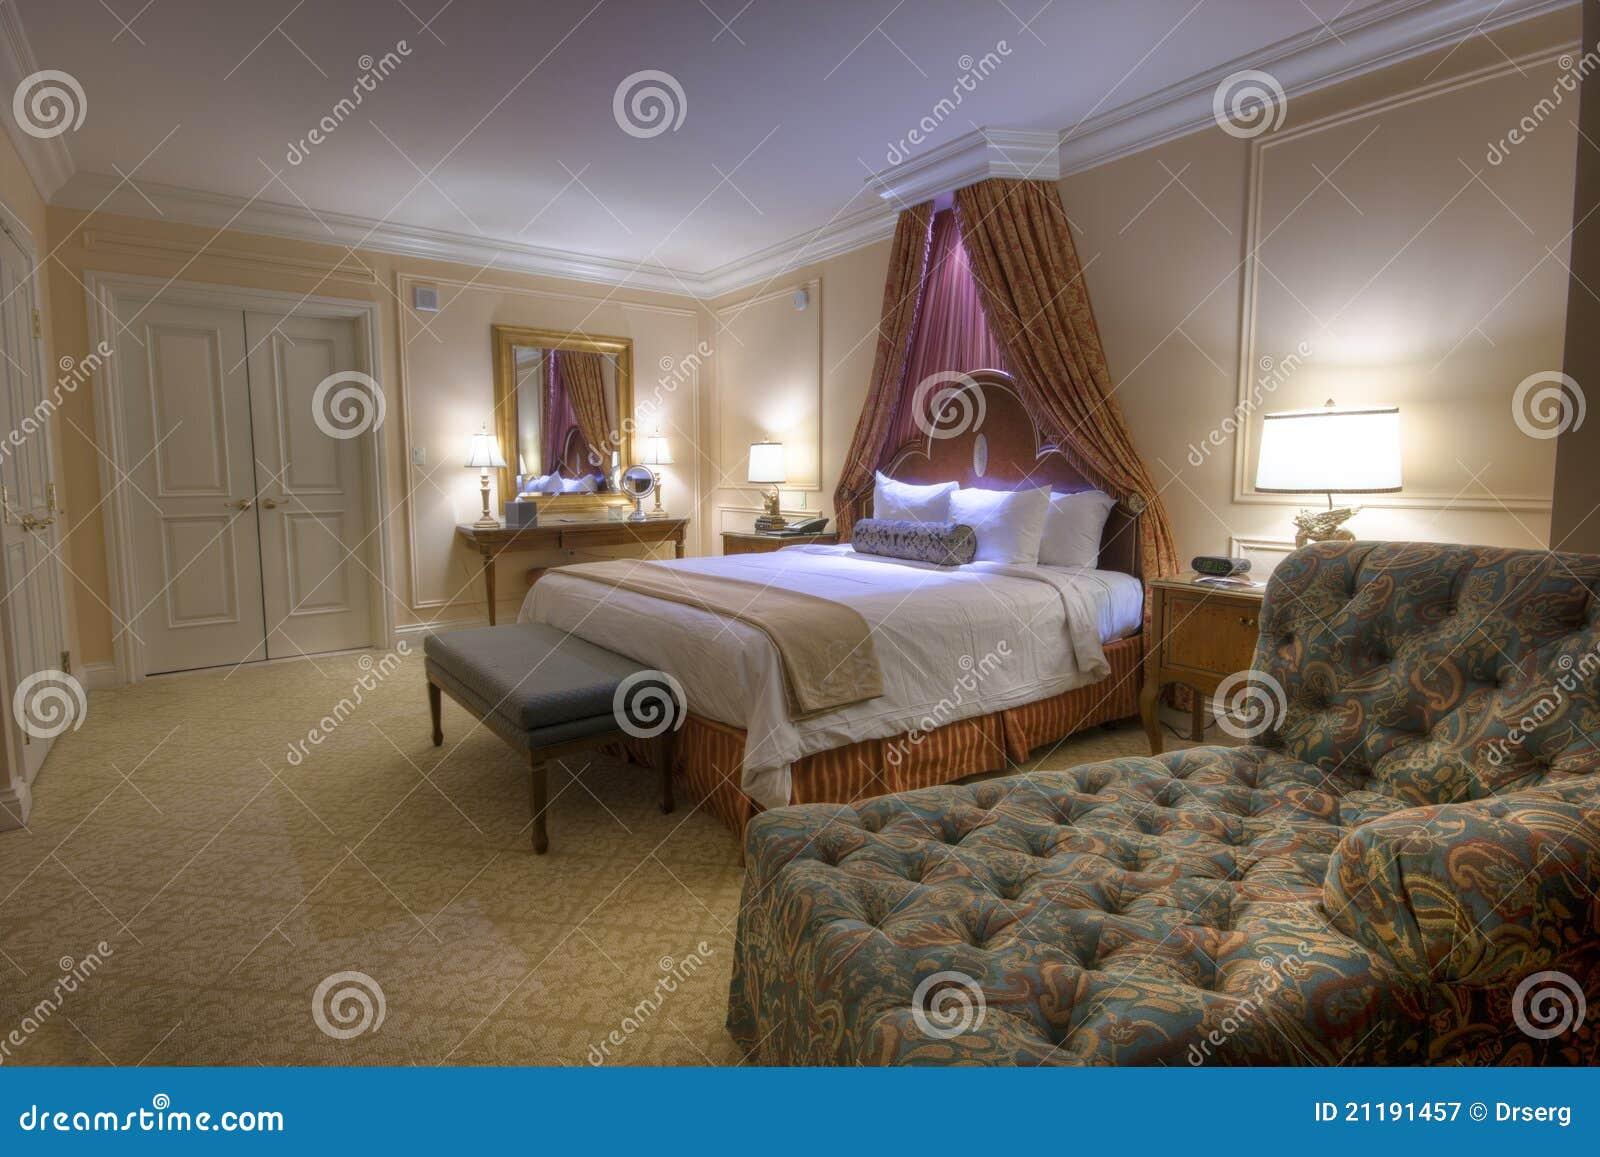 Camera da letto con la base king size del baldacchino - Camera da letto con baldacchino ...